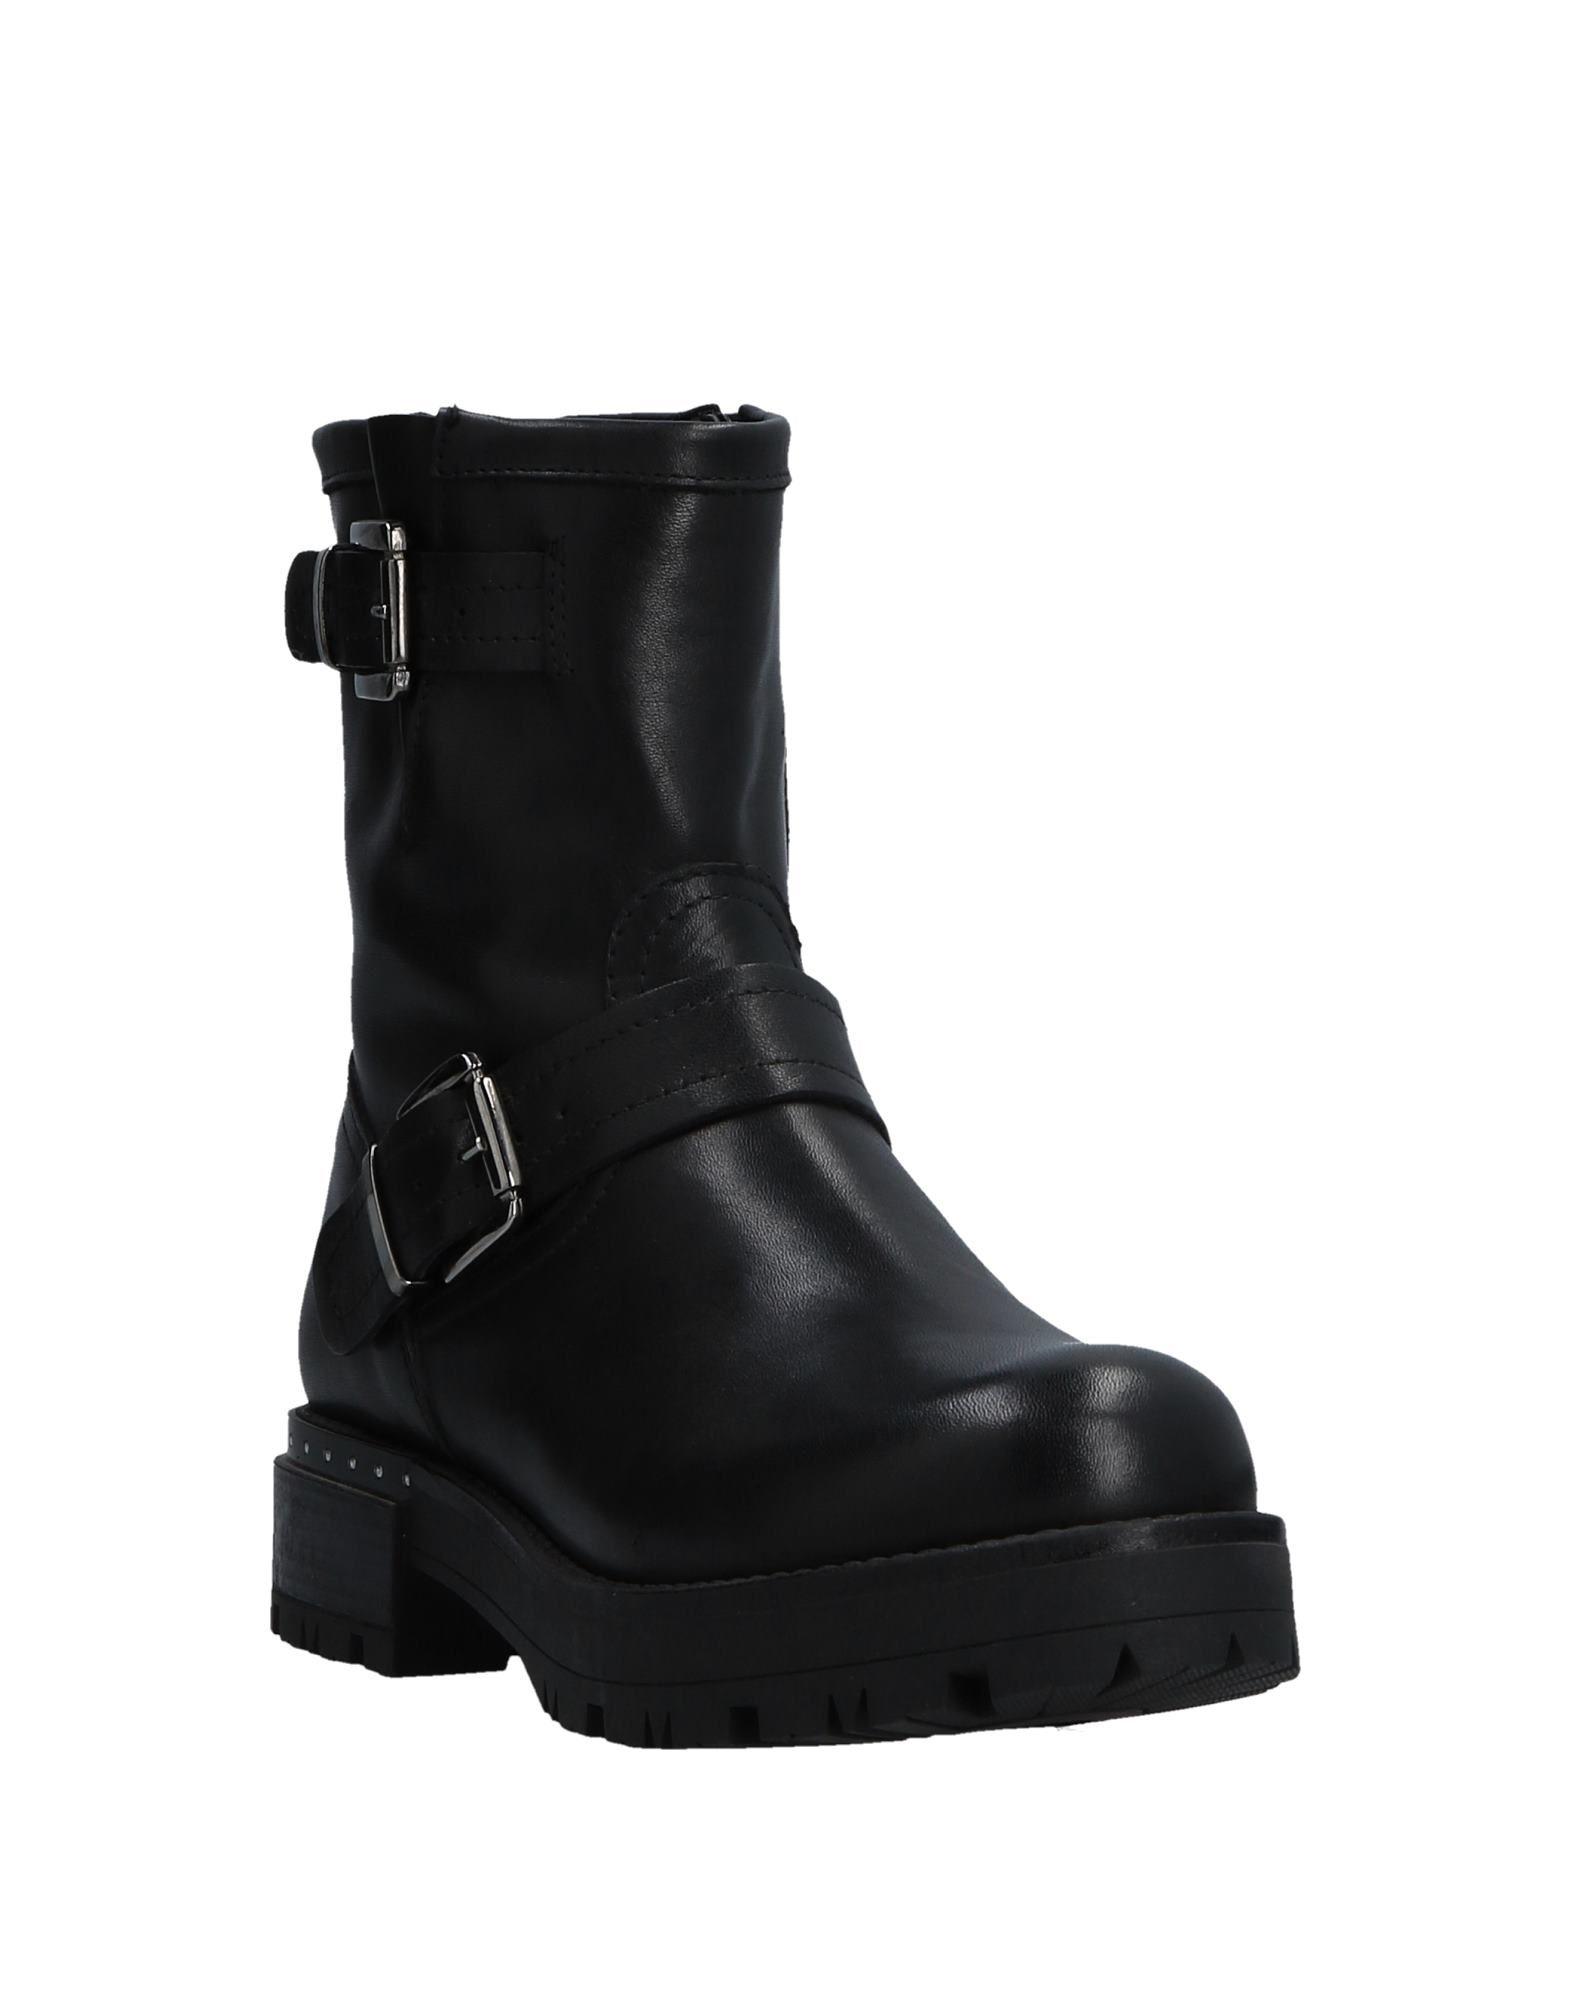 Cafènoir Stiefelette Damen beliebte  11514929IC Gute Qualität beliebte Damen Schuhe d2800c